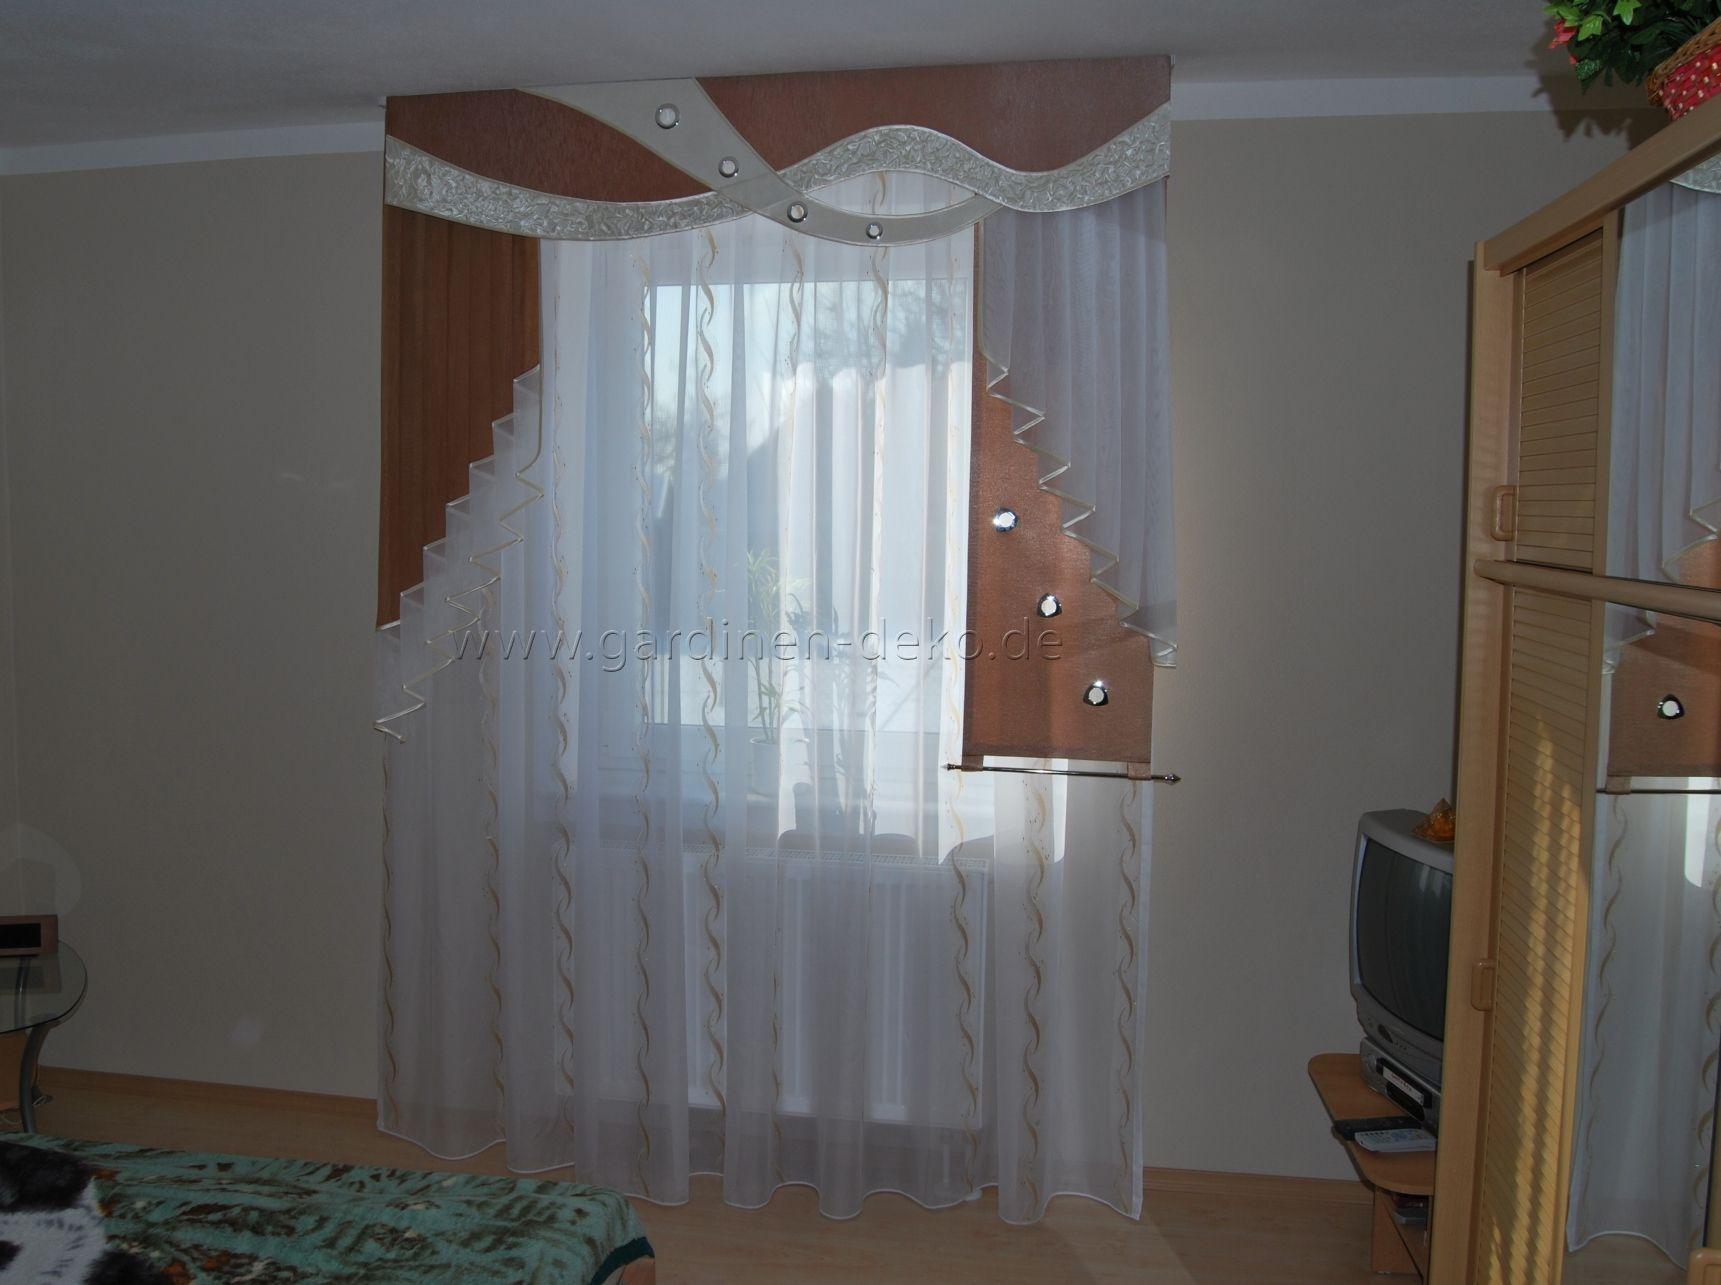 Klassischer Wohnzimmer Vorhang Mit Stufen Halbschal Und Schabracke, Schlafzimmer  Entwurf